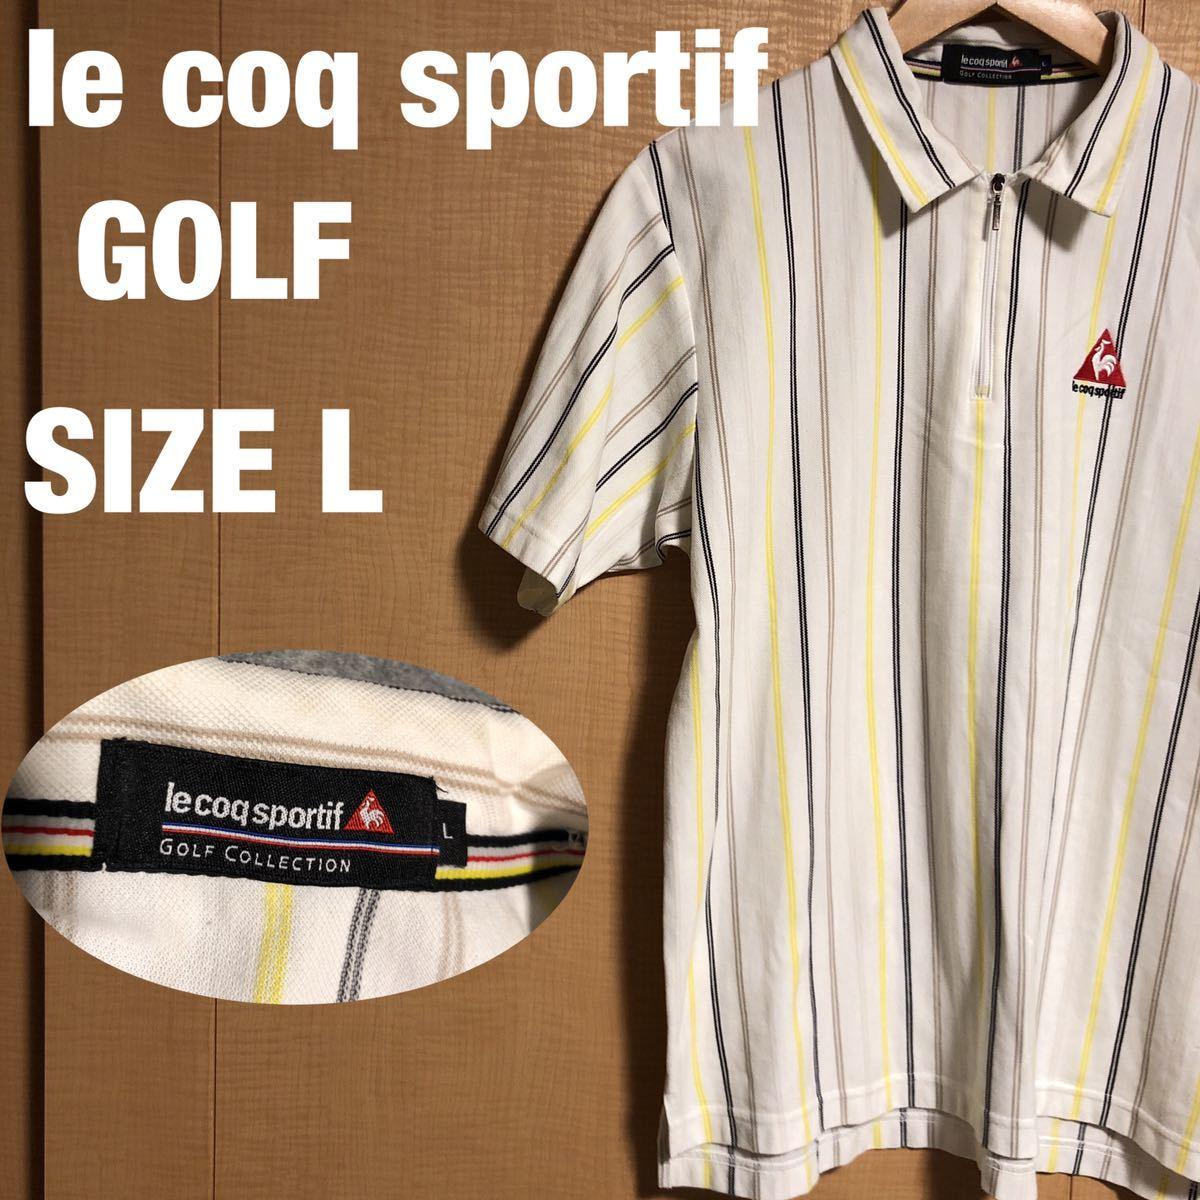 le coq sportif GOLF ルコック スポルティフ ゴルフ ハーフジップ ロゴ 半袖 ポロシャツ ストライプ メンズ SIZE L_画像1